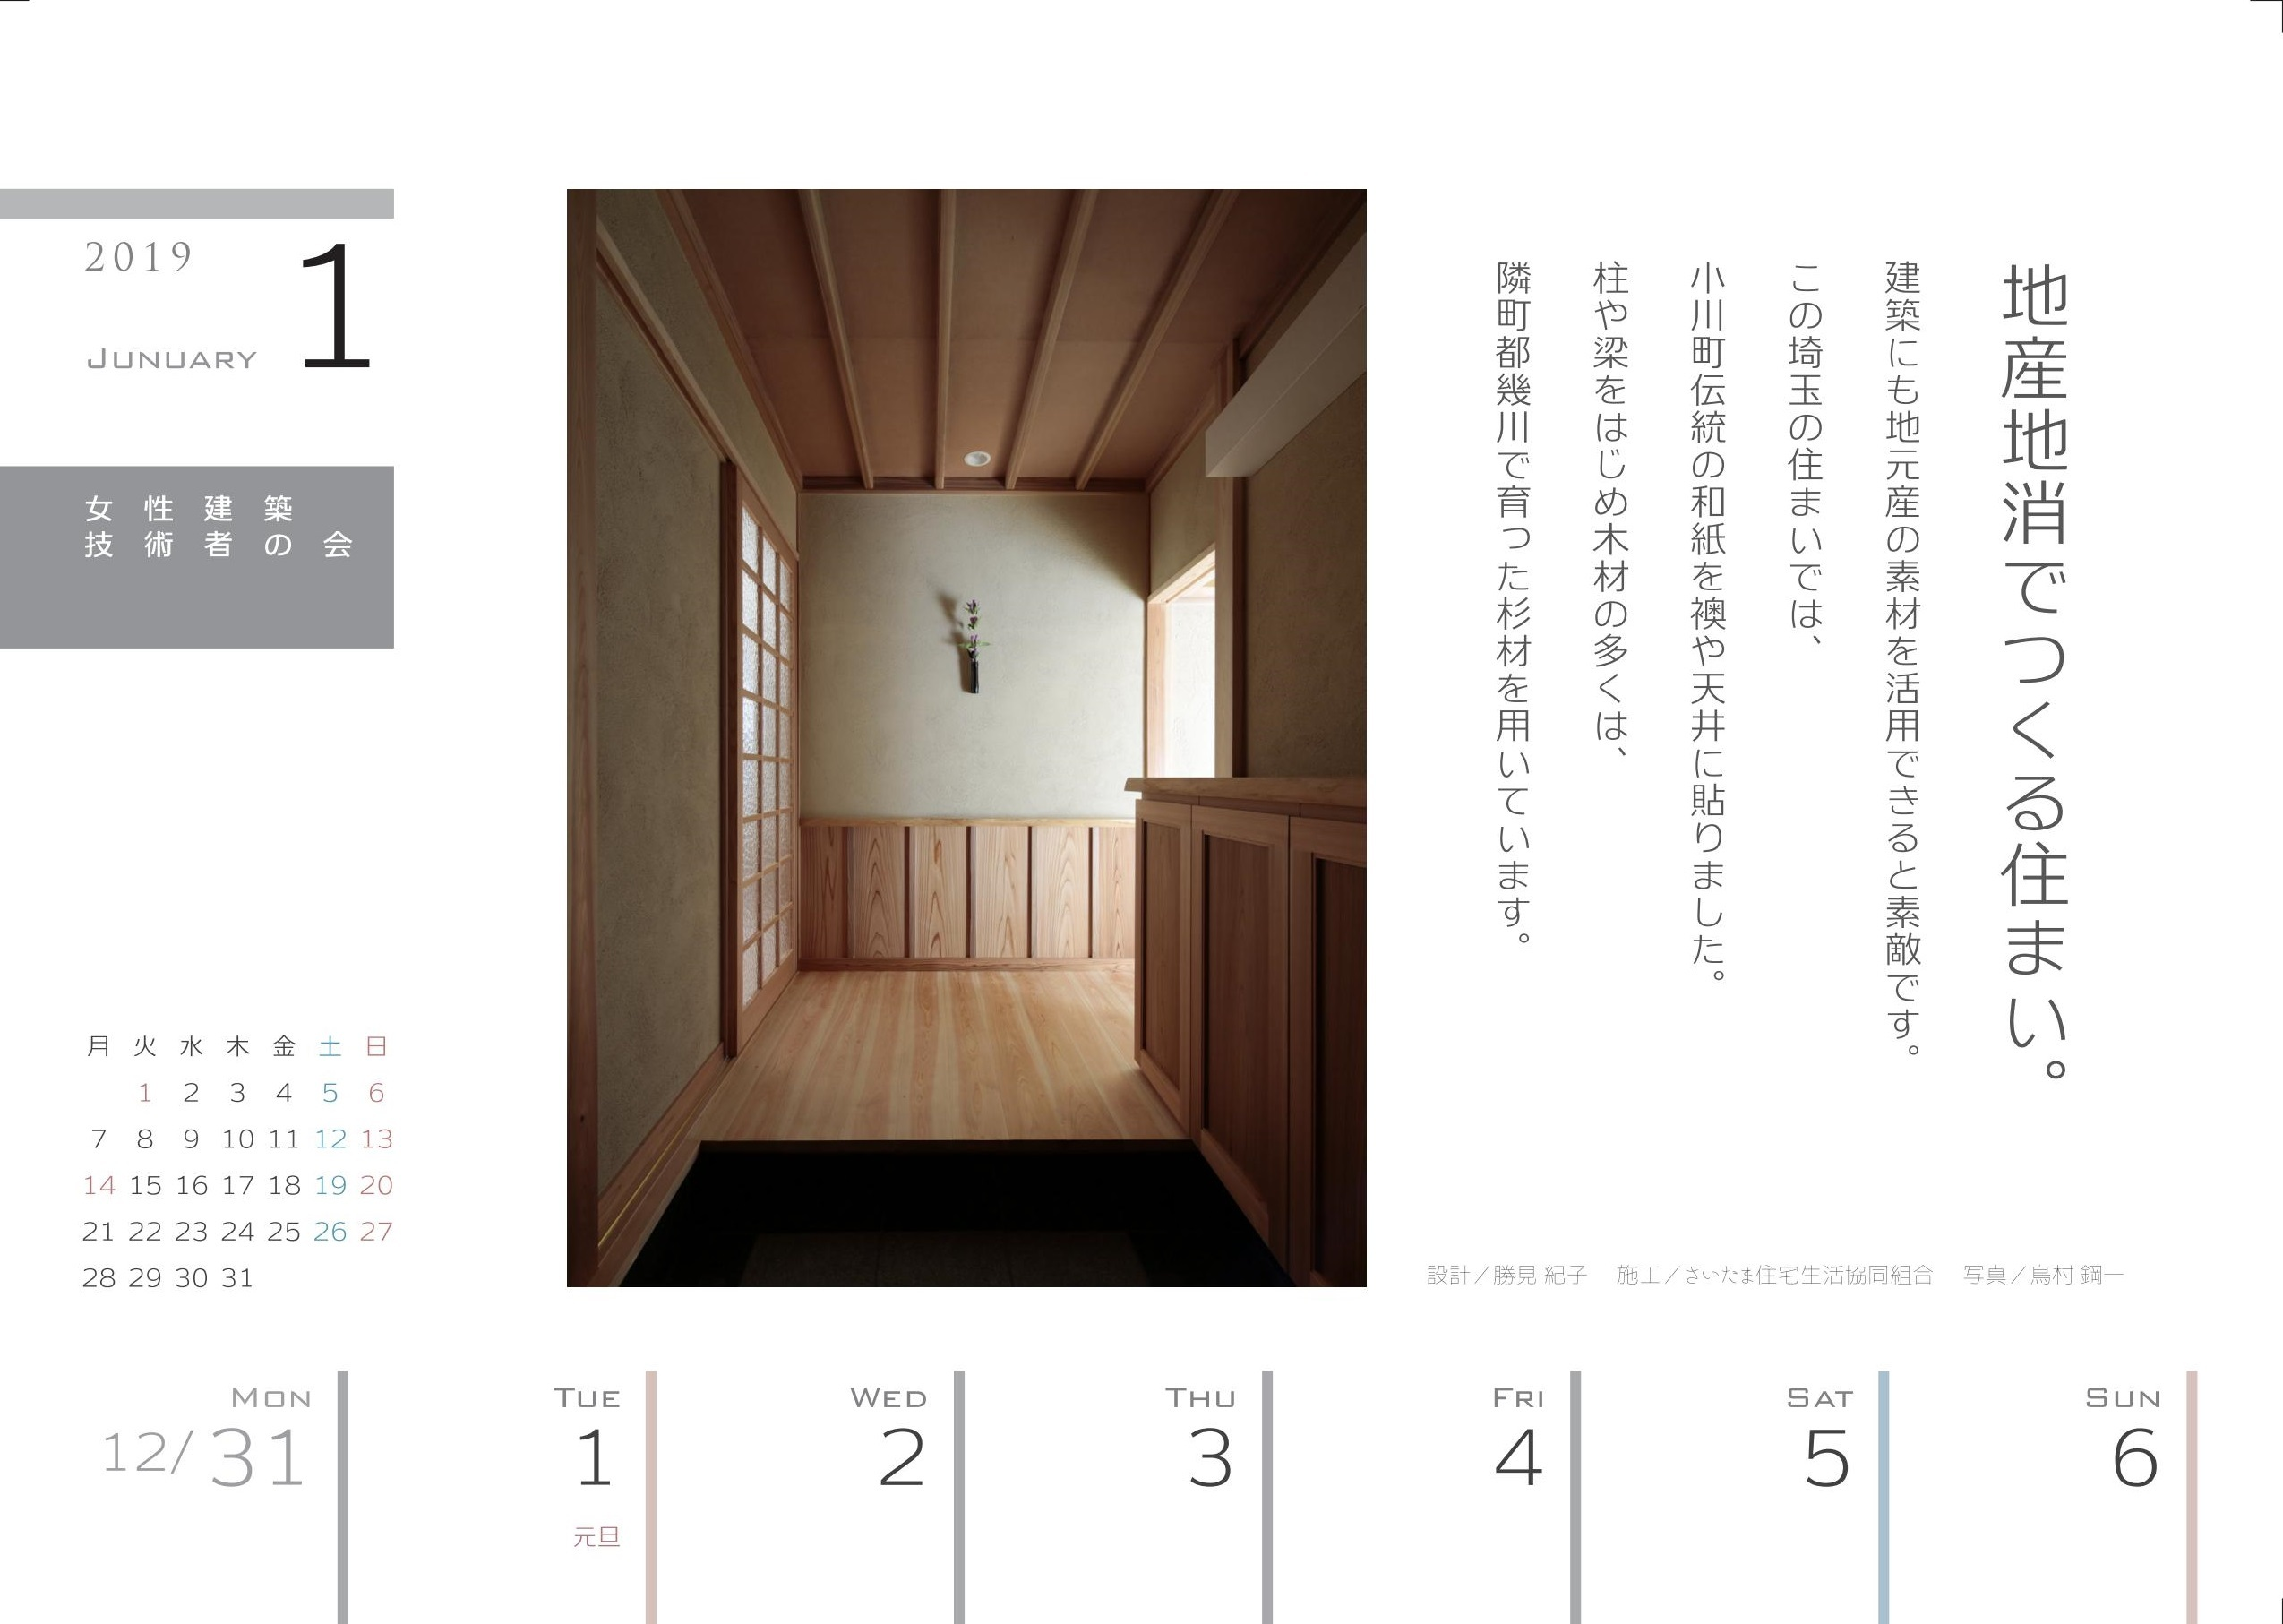 女技会オリジナルカレンダー_e0264942_21161320.jpg